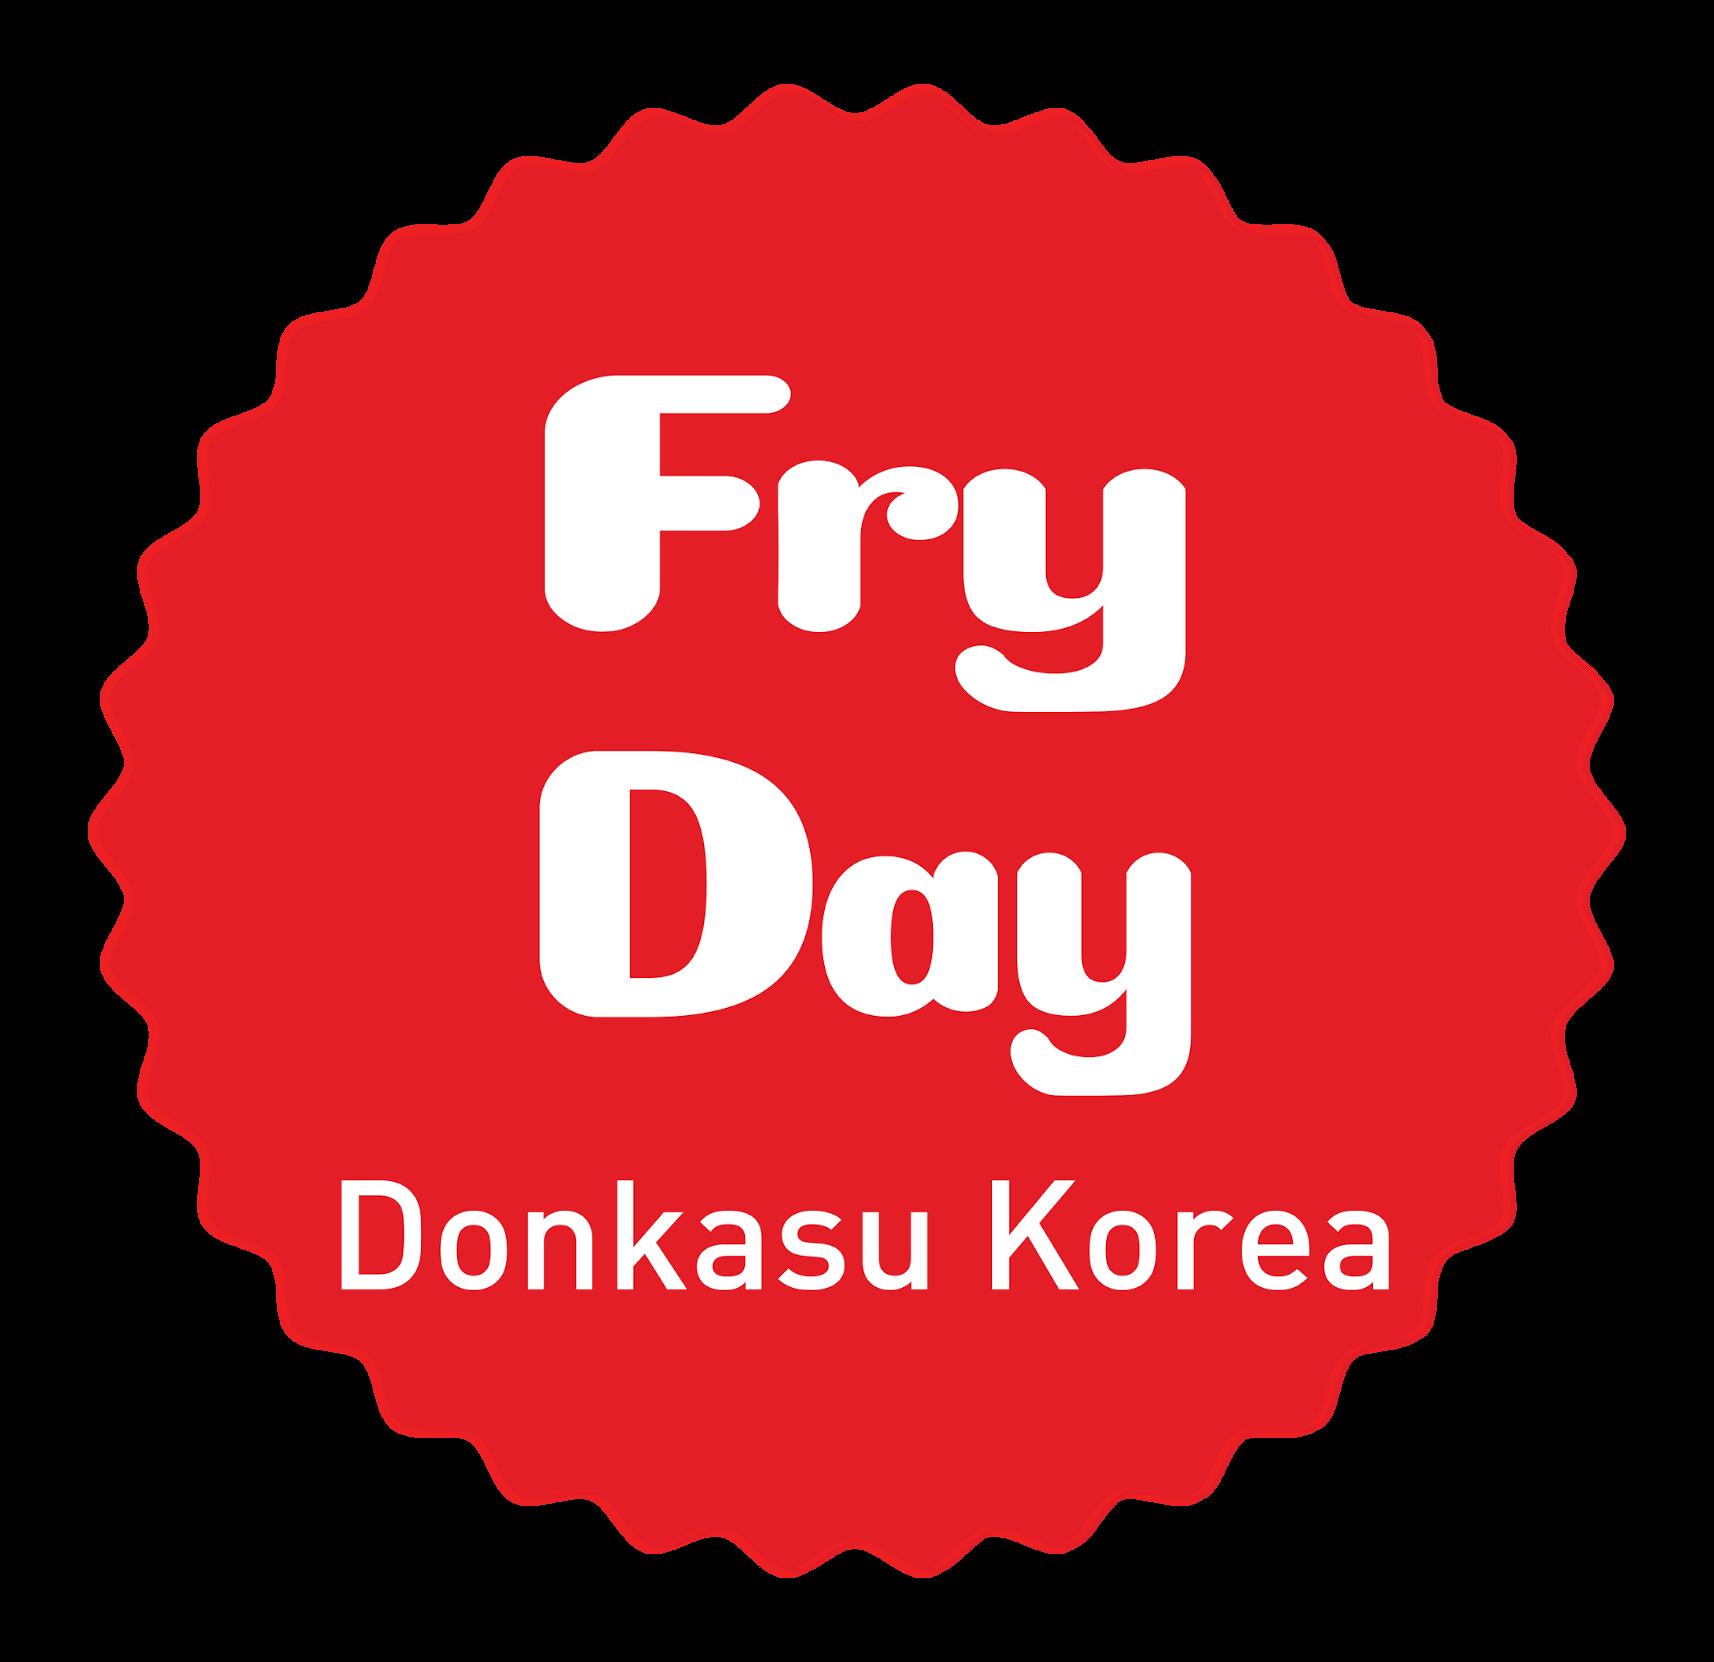 Fry Day ហាងដុនកាសឺកូរ៉េ